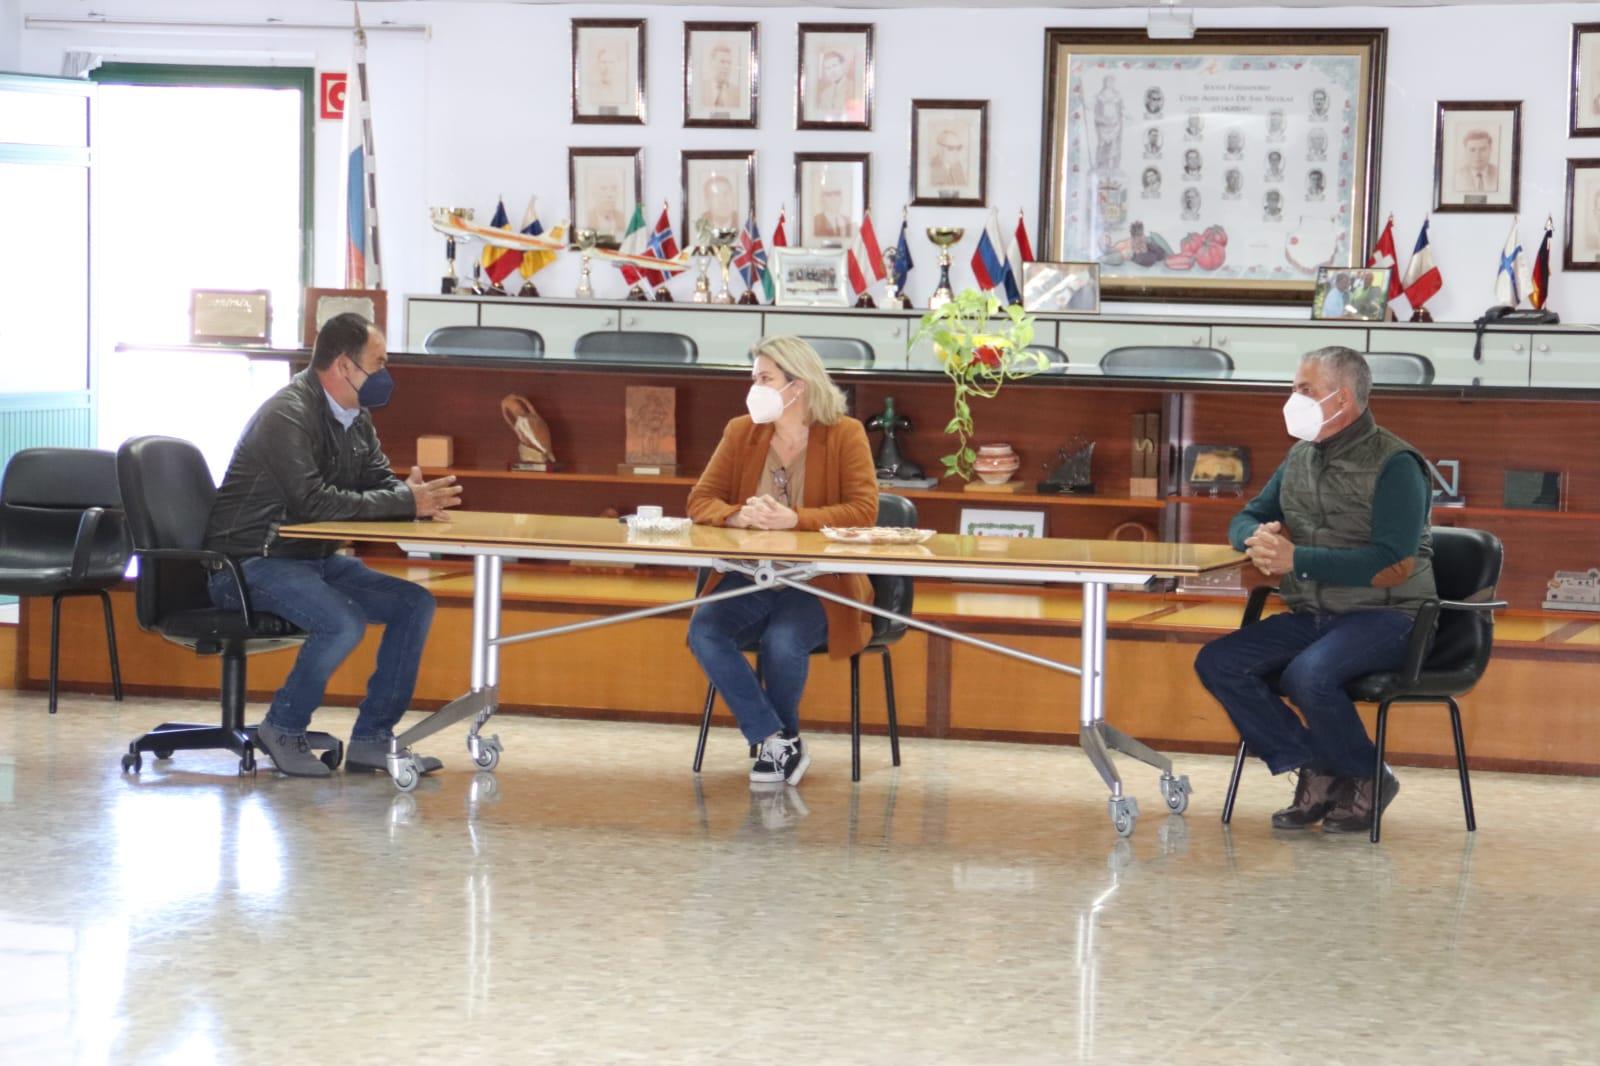 Alicia Vanoostende visita fincas de tomate en La Aldea (Gran Canaria) / CanariasNoticias.es